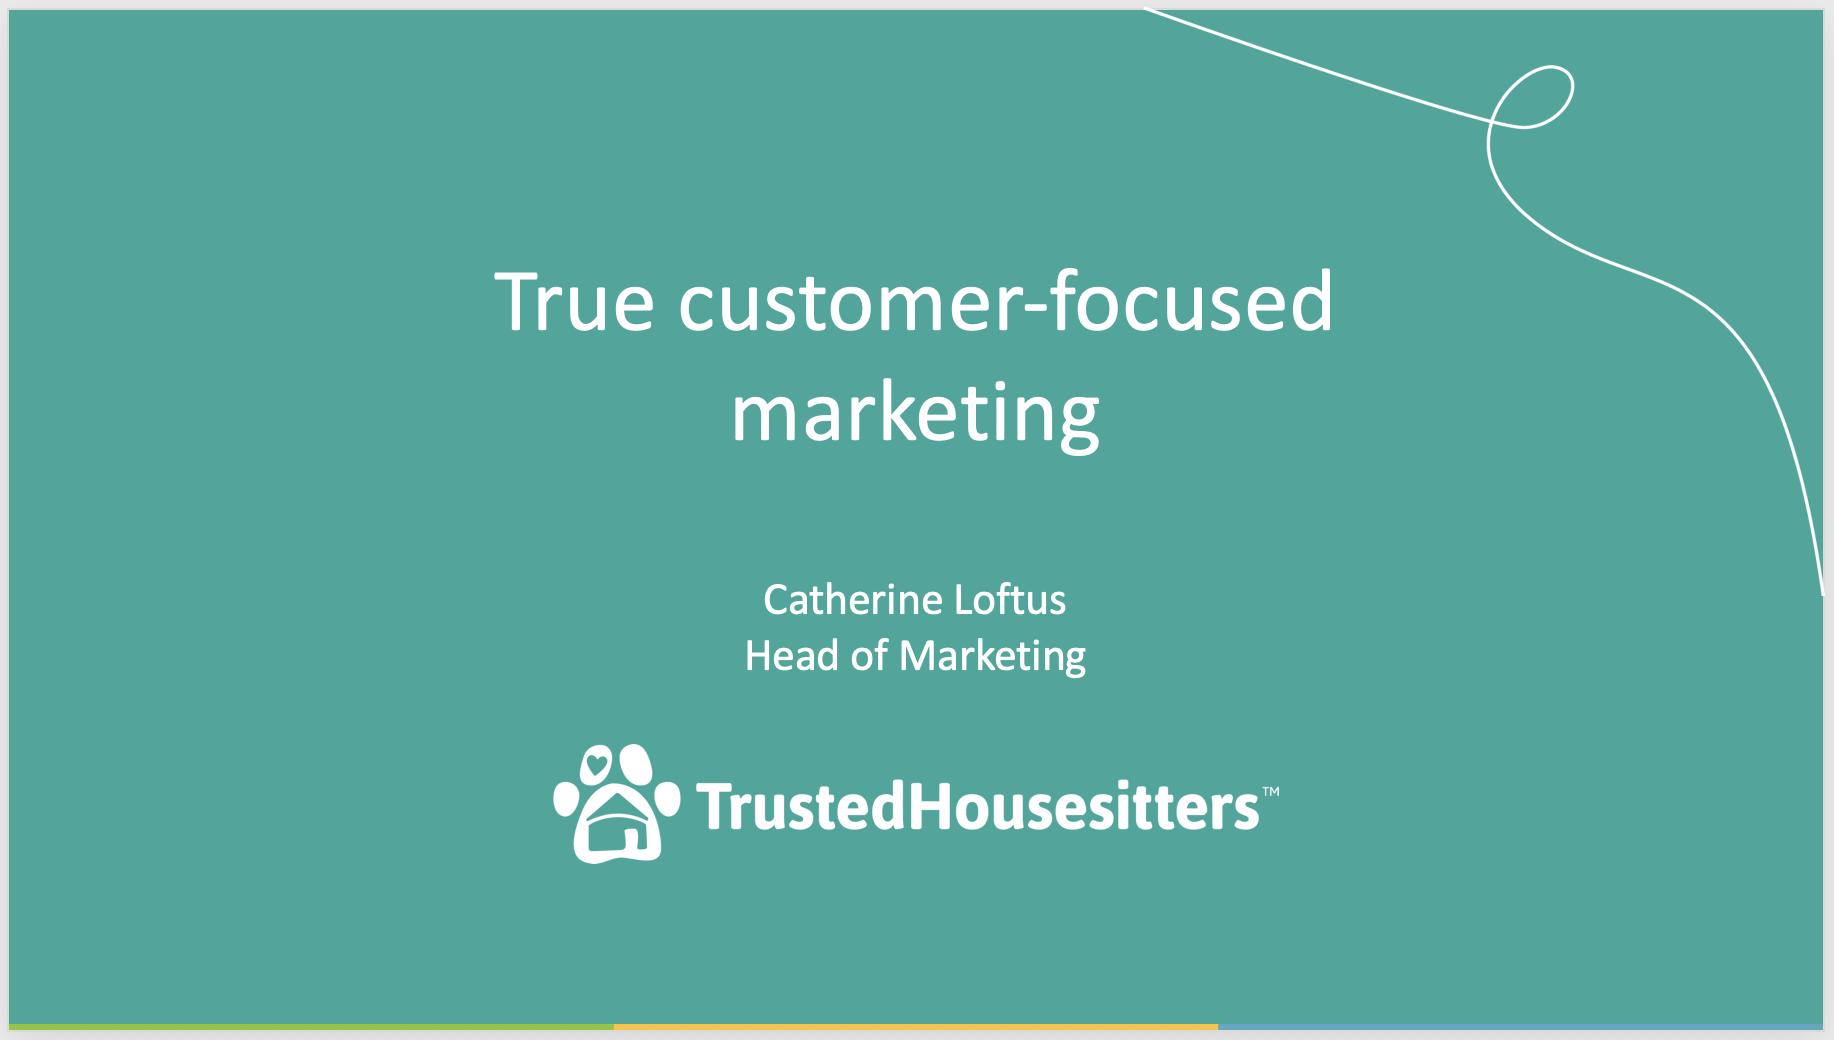 Catherine Loftus Trusted Housesitters presentation